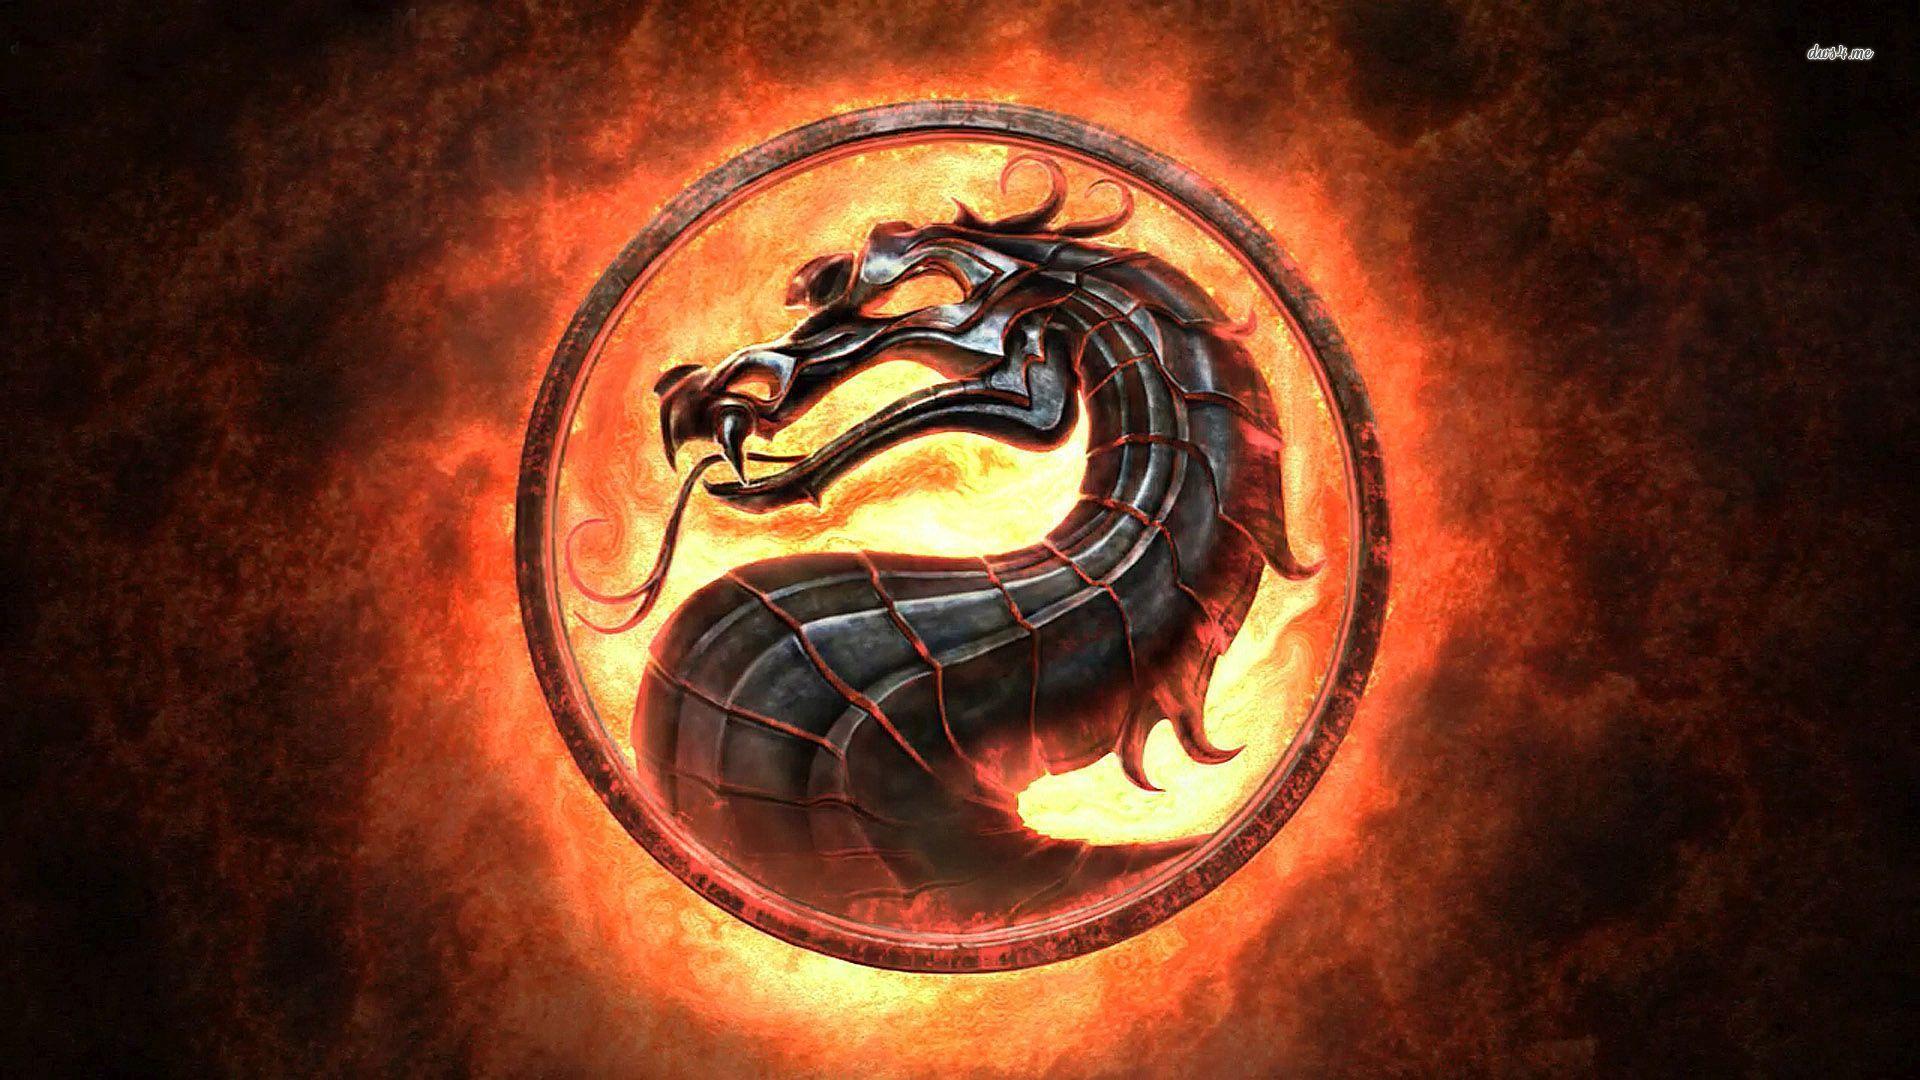 ... Mortal Kombat Dragon Logo wallpaper 1920x1080 ...